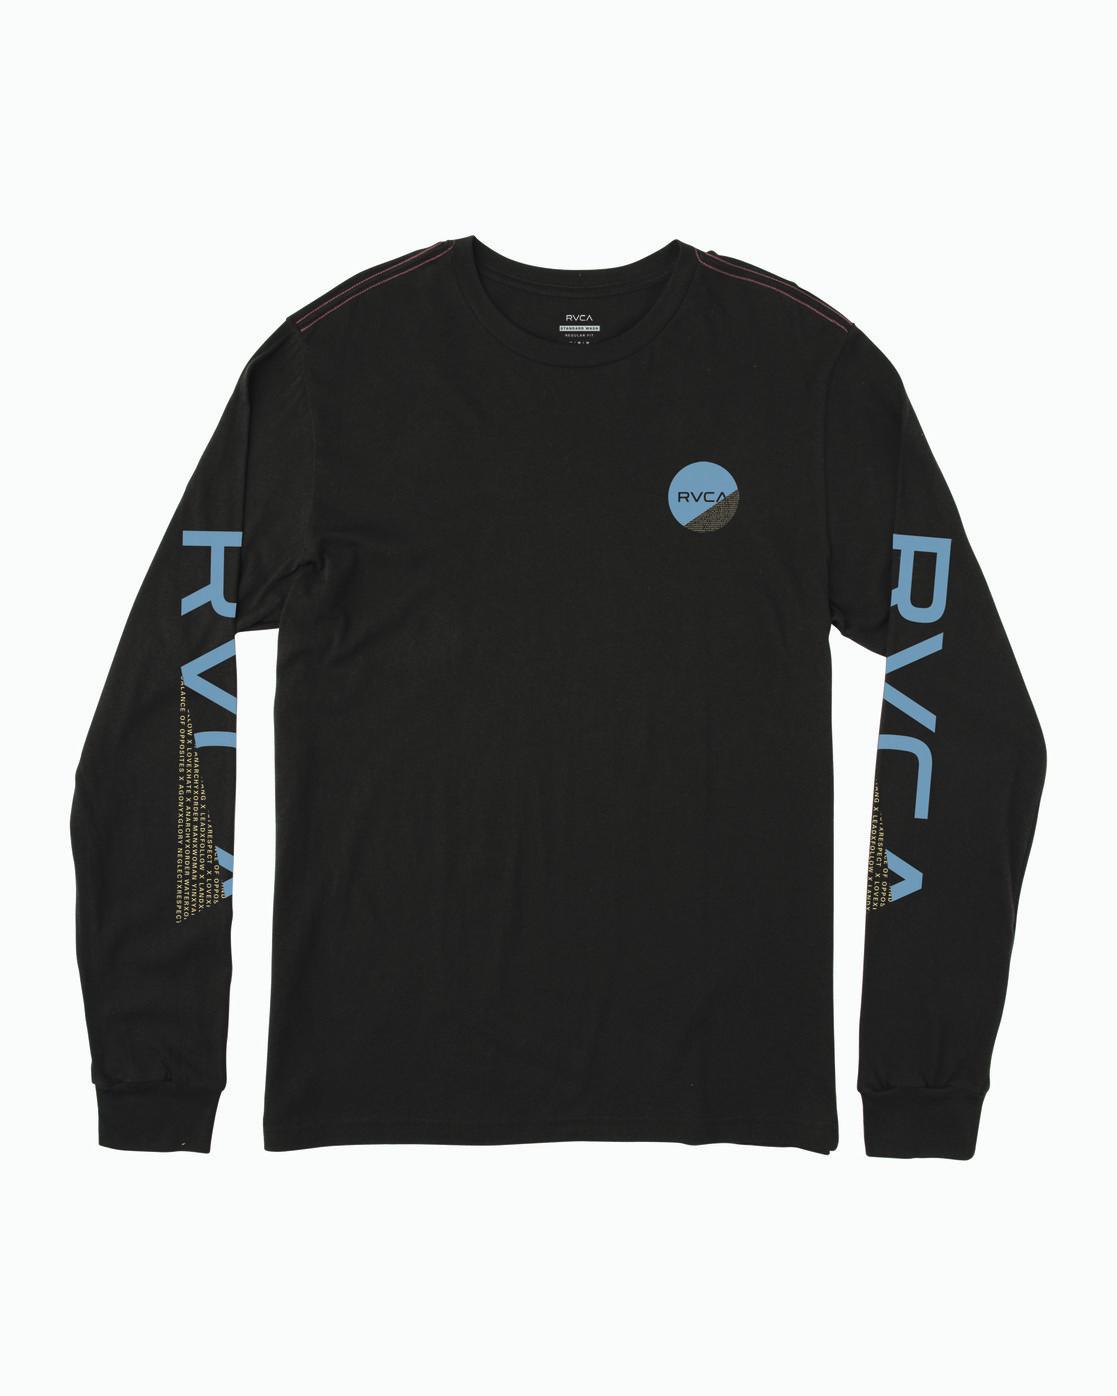 0 FRACTION LONG SLEEVE T-SHIRT Black B4543RFR RVCA